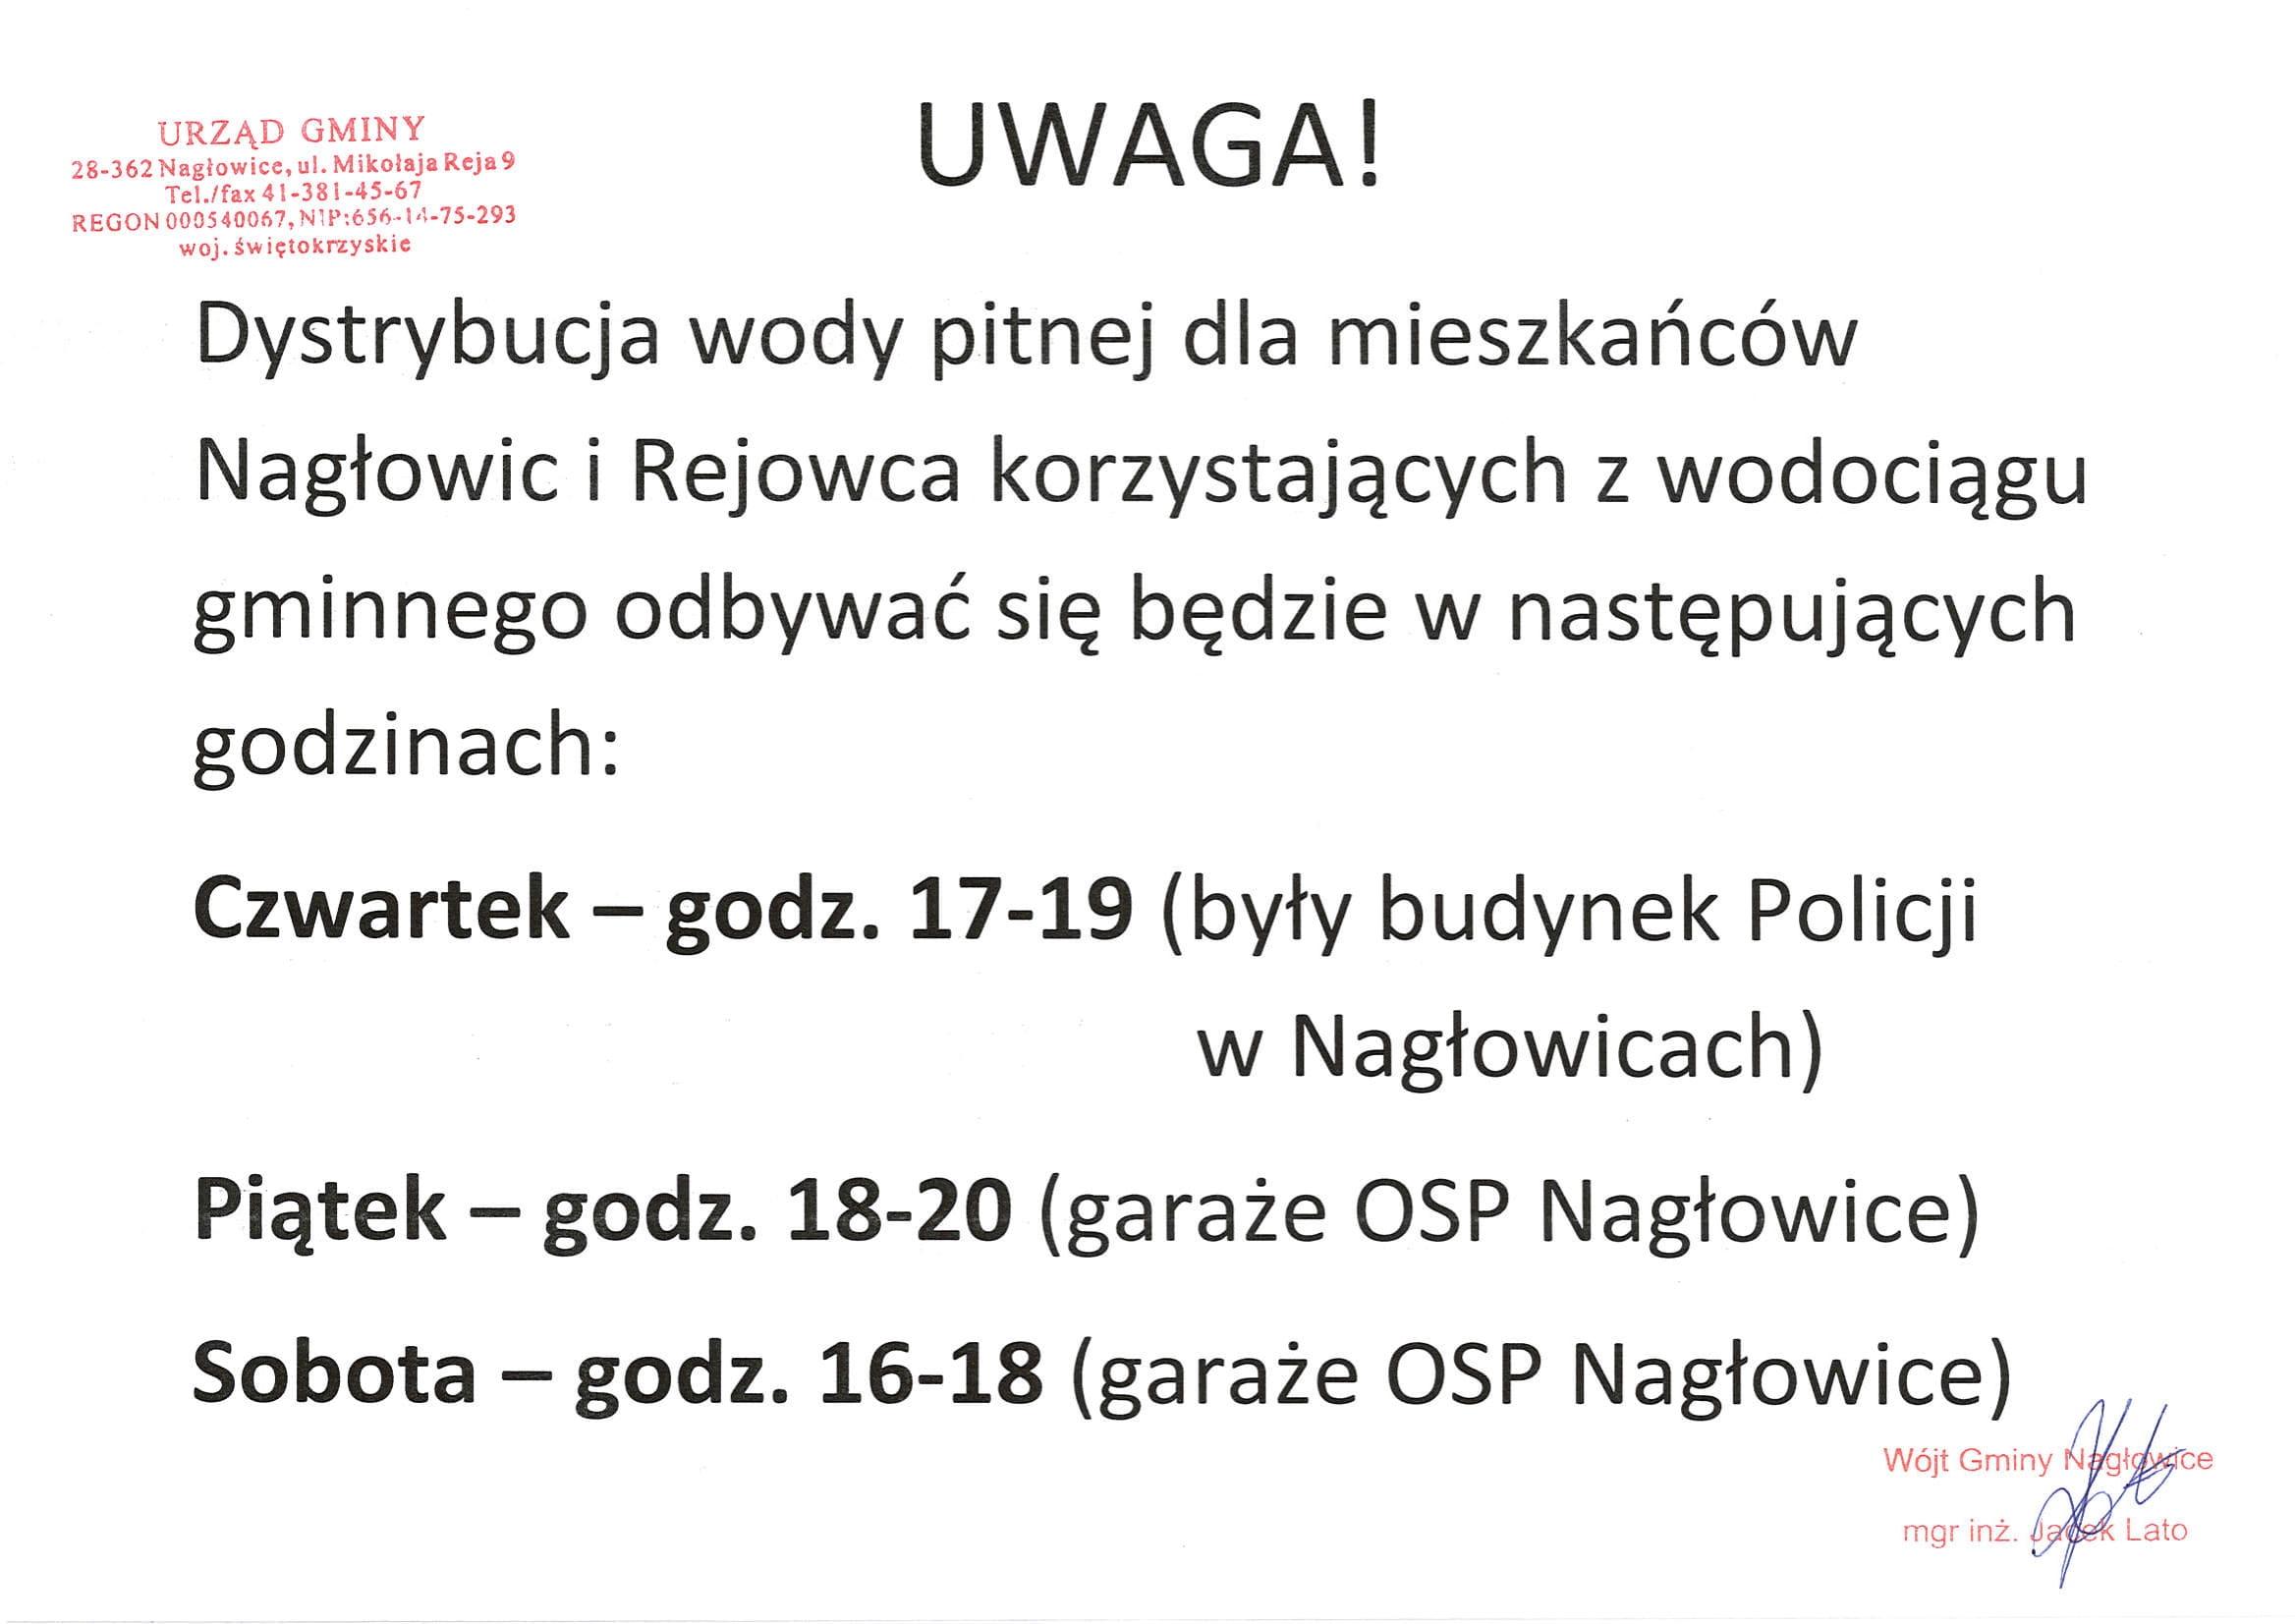 Komunikat !!! Dystrybucja wody pitnej dla mieszkańców Nagłowic i Rejowca